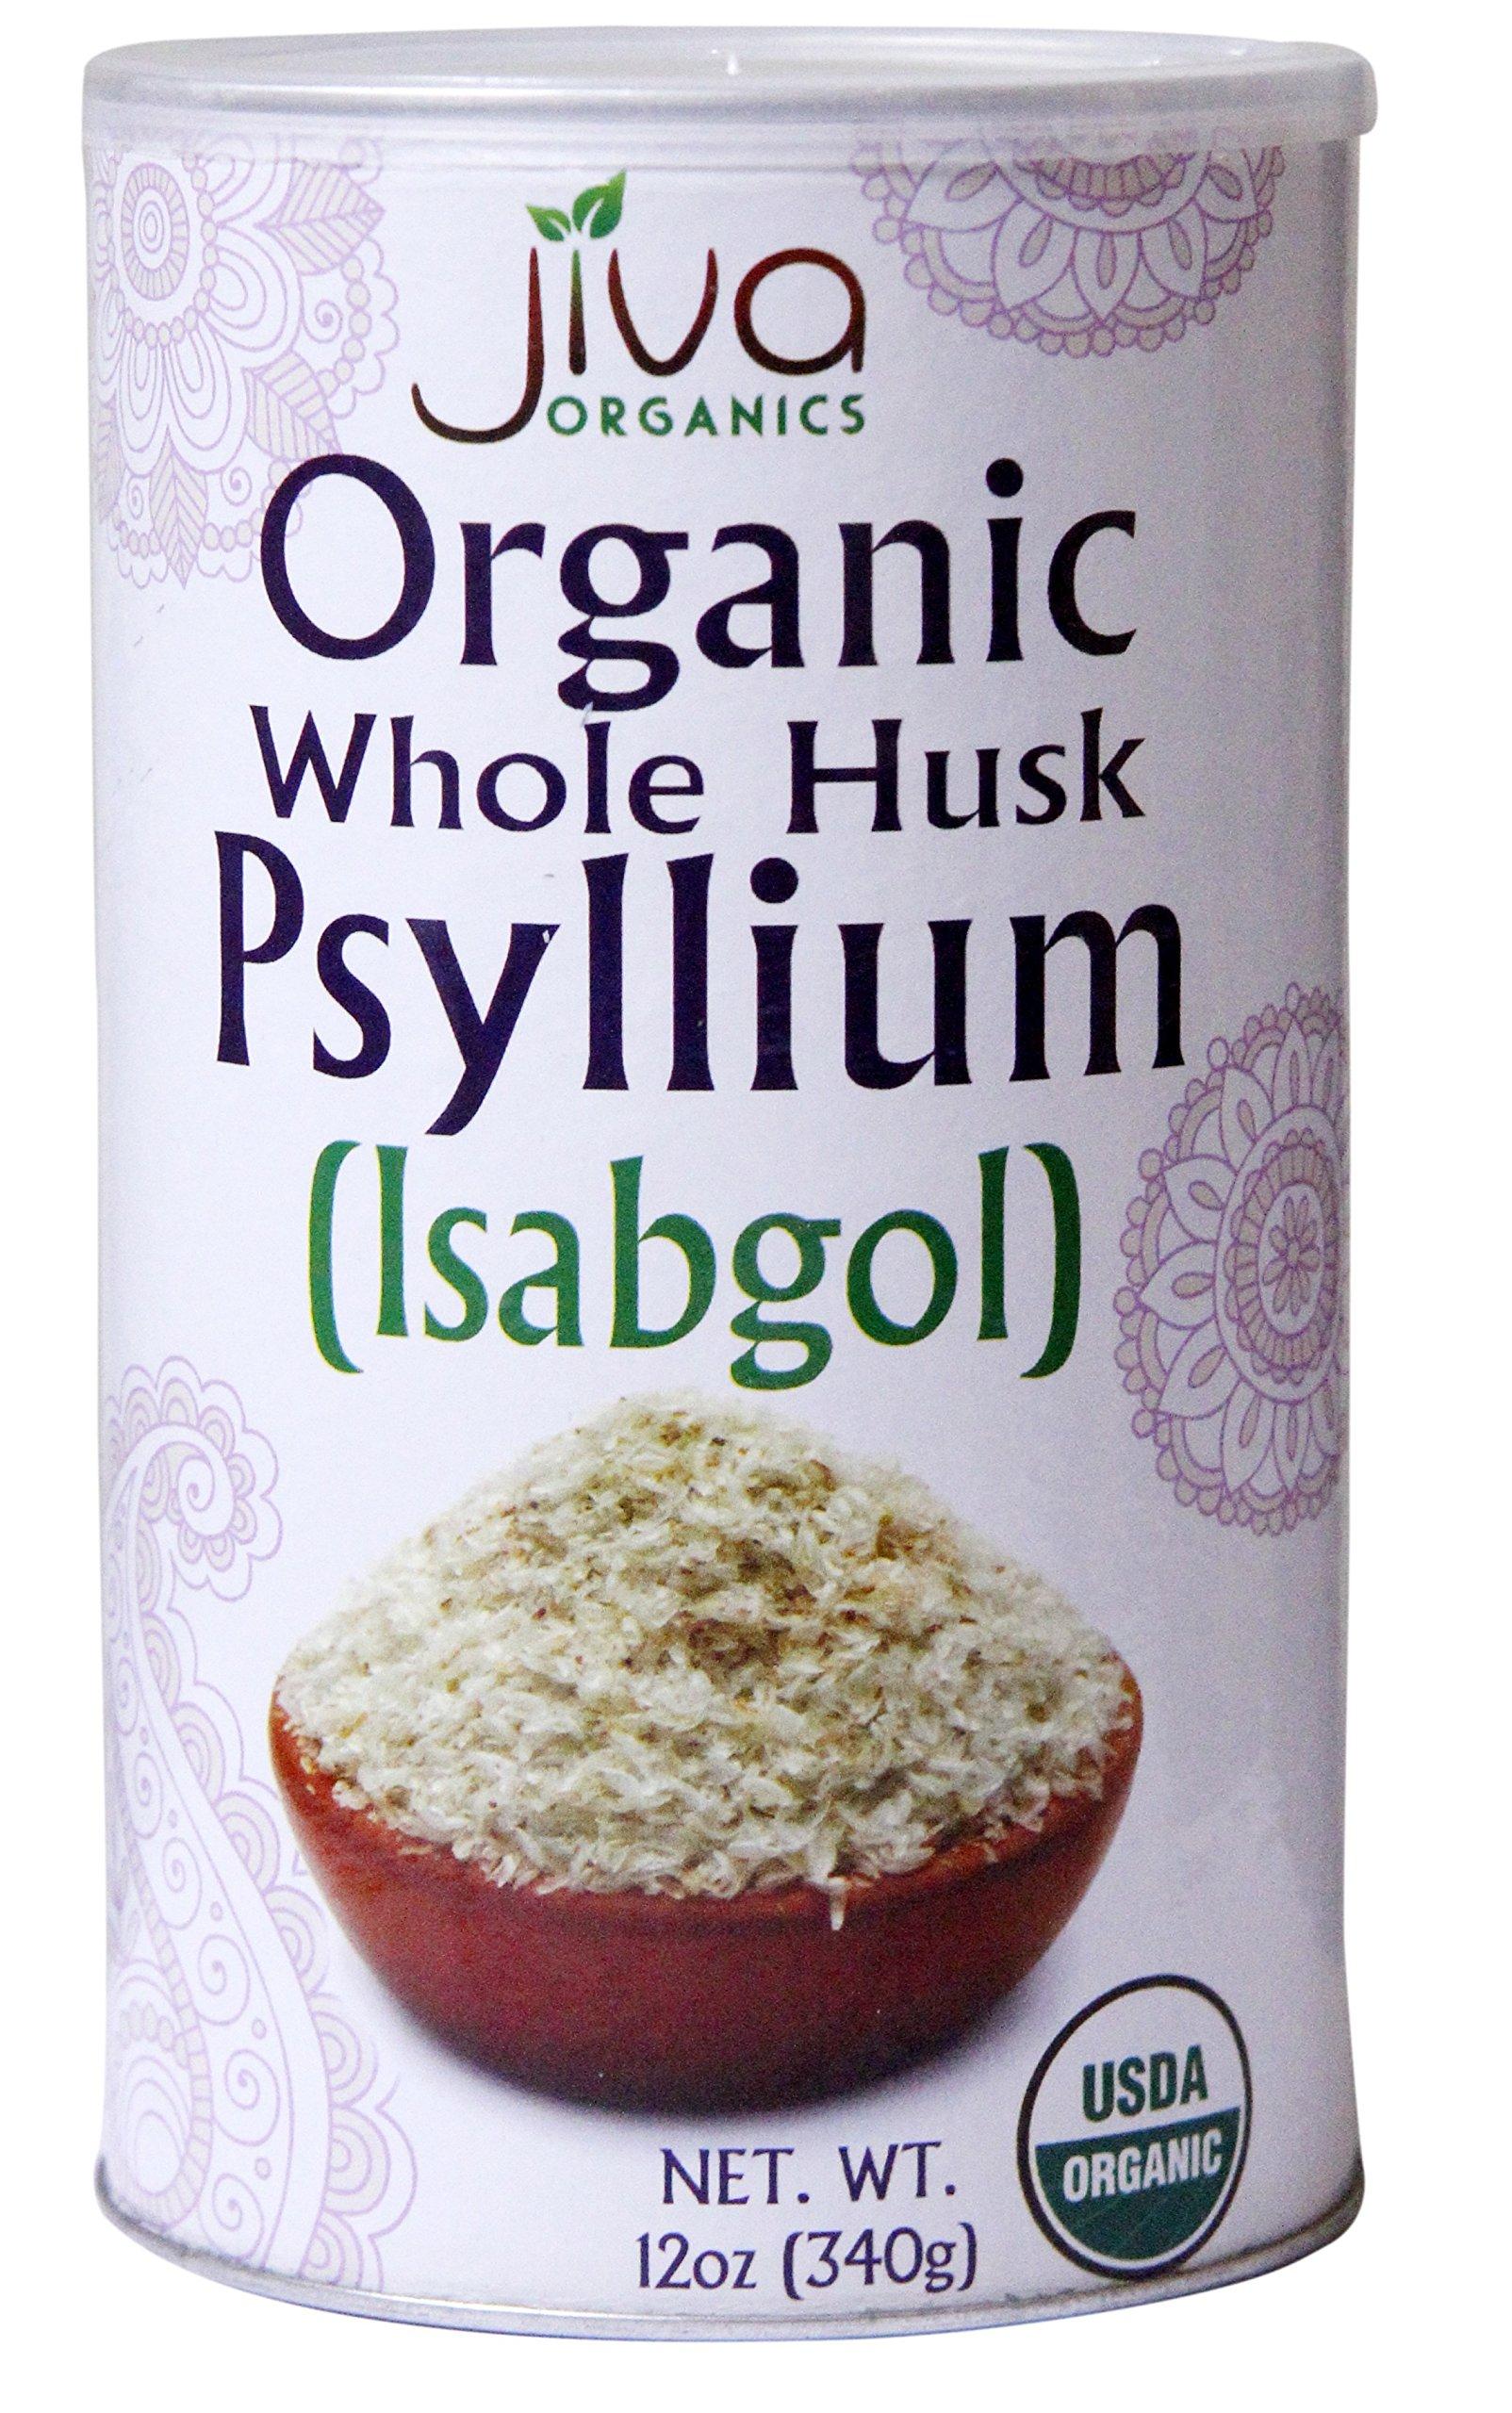 Jiva USDA ORGANIC Whole Husk Psyllium (Isabgol) 12-Ounce Can by Jiva Organics